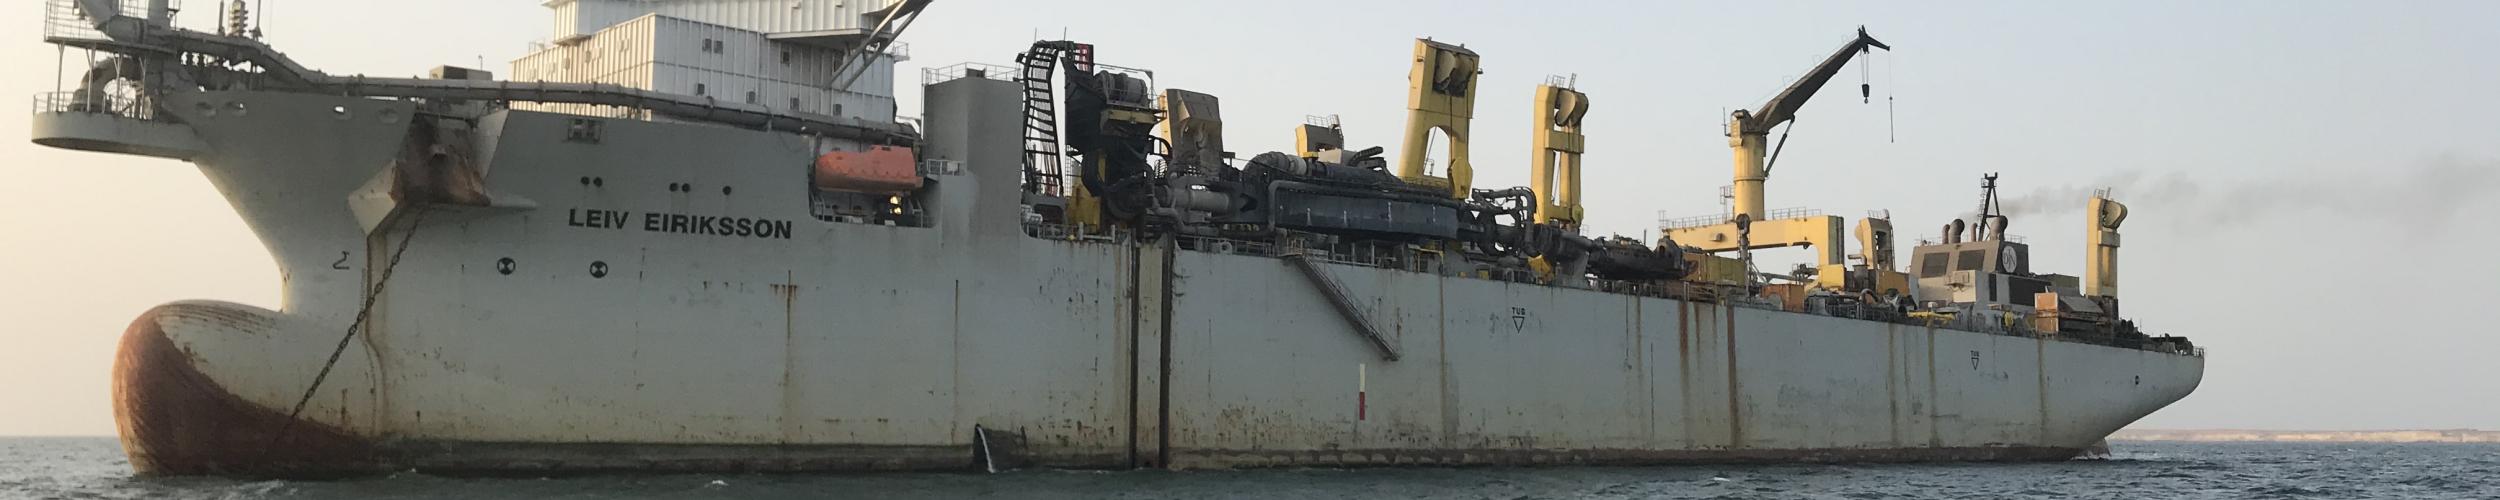 Cspect inspecteerde de scheepshuid van de grootste hopper ter wereld met hun ROVs